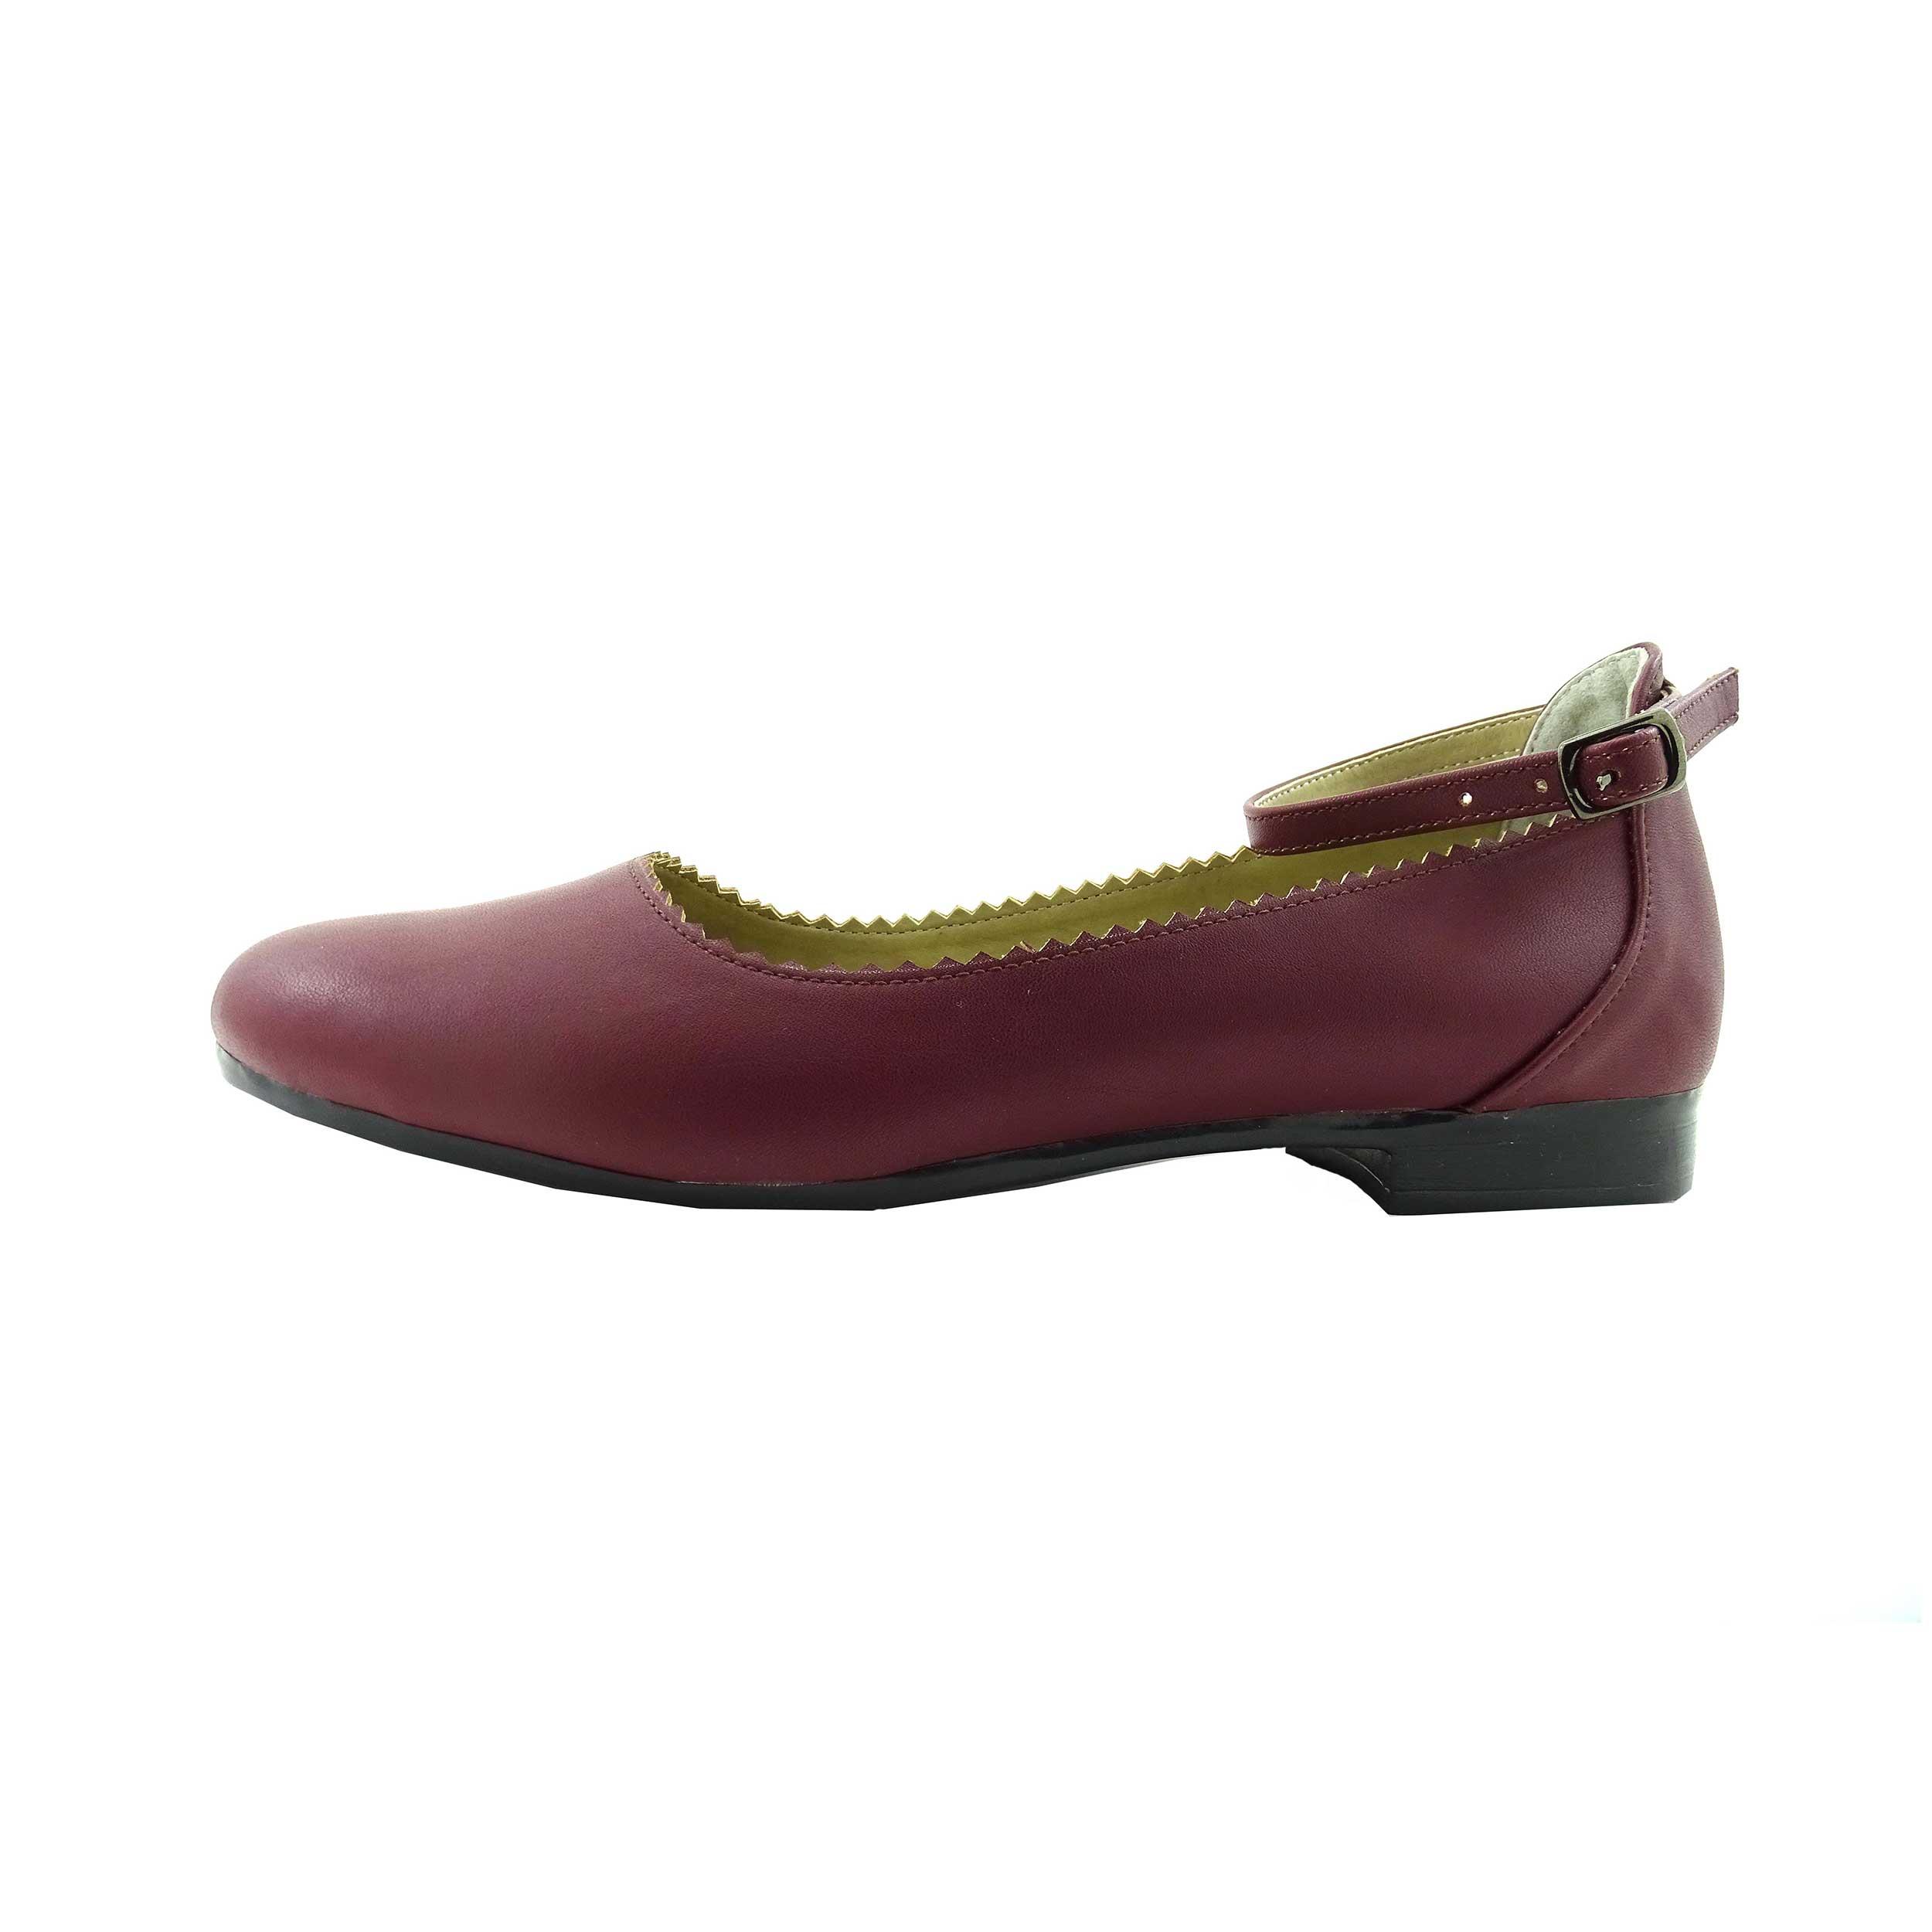 کفش دخترانه آذاردو مدل W01723